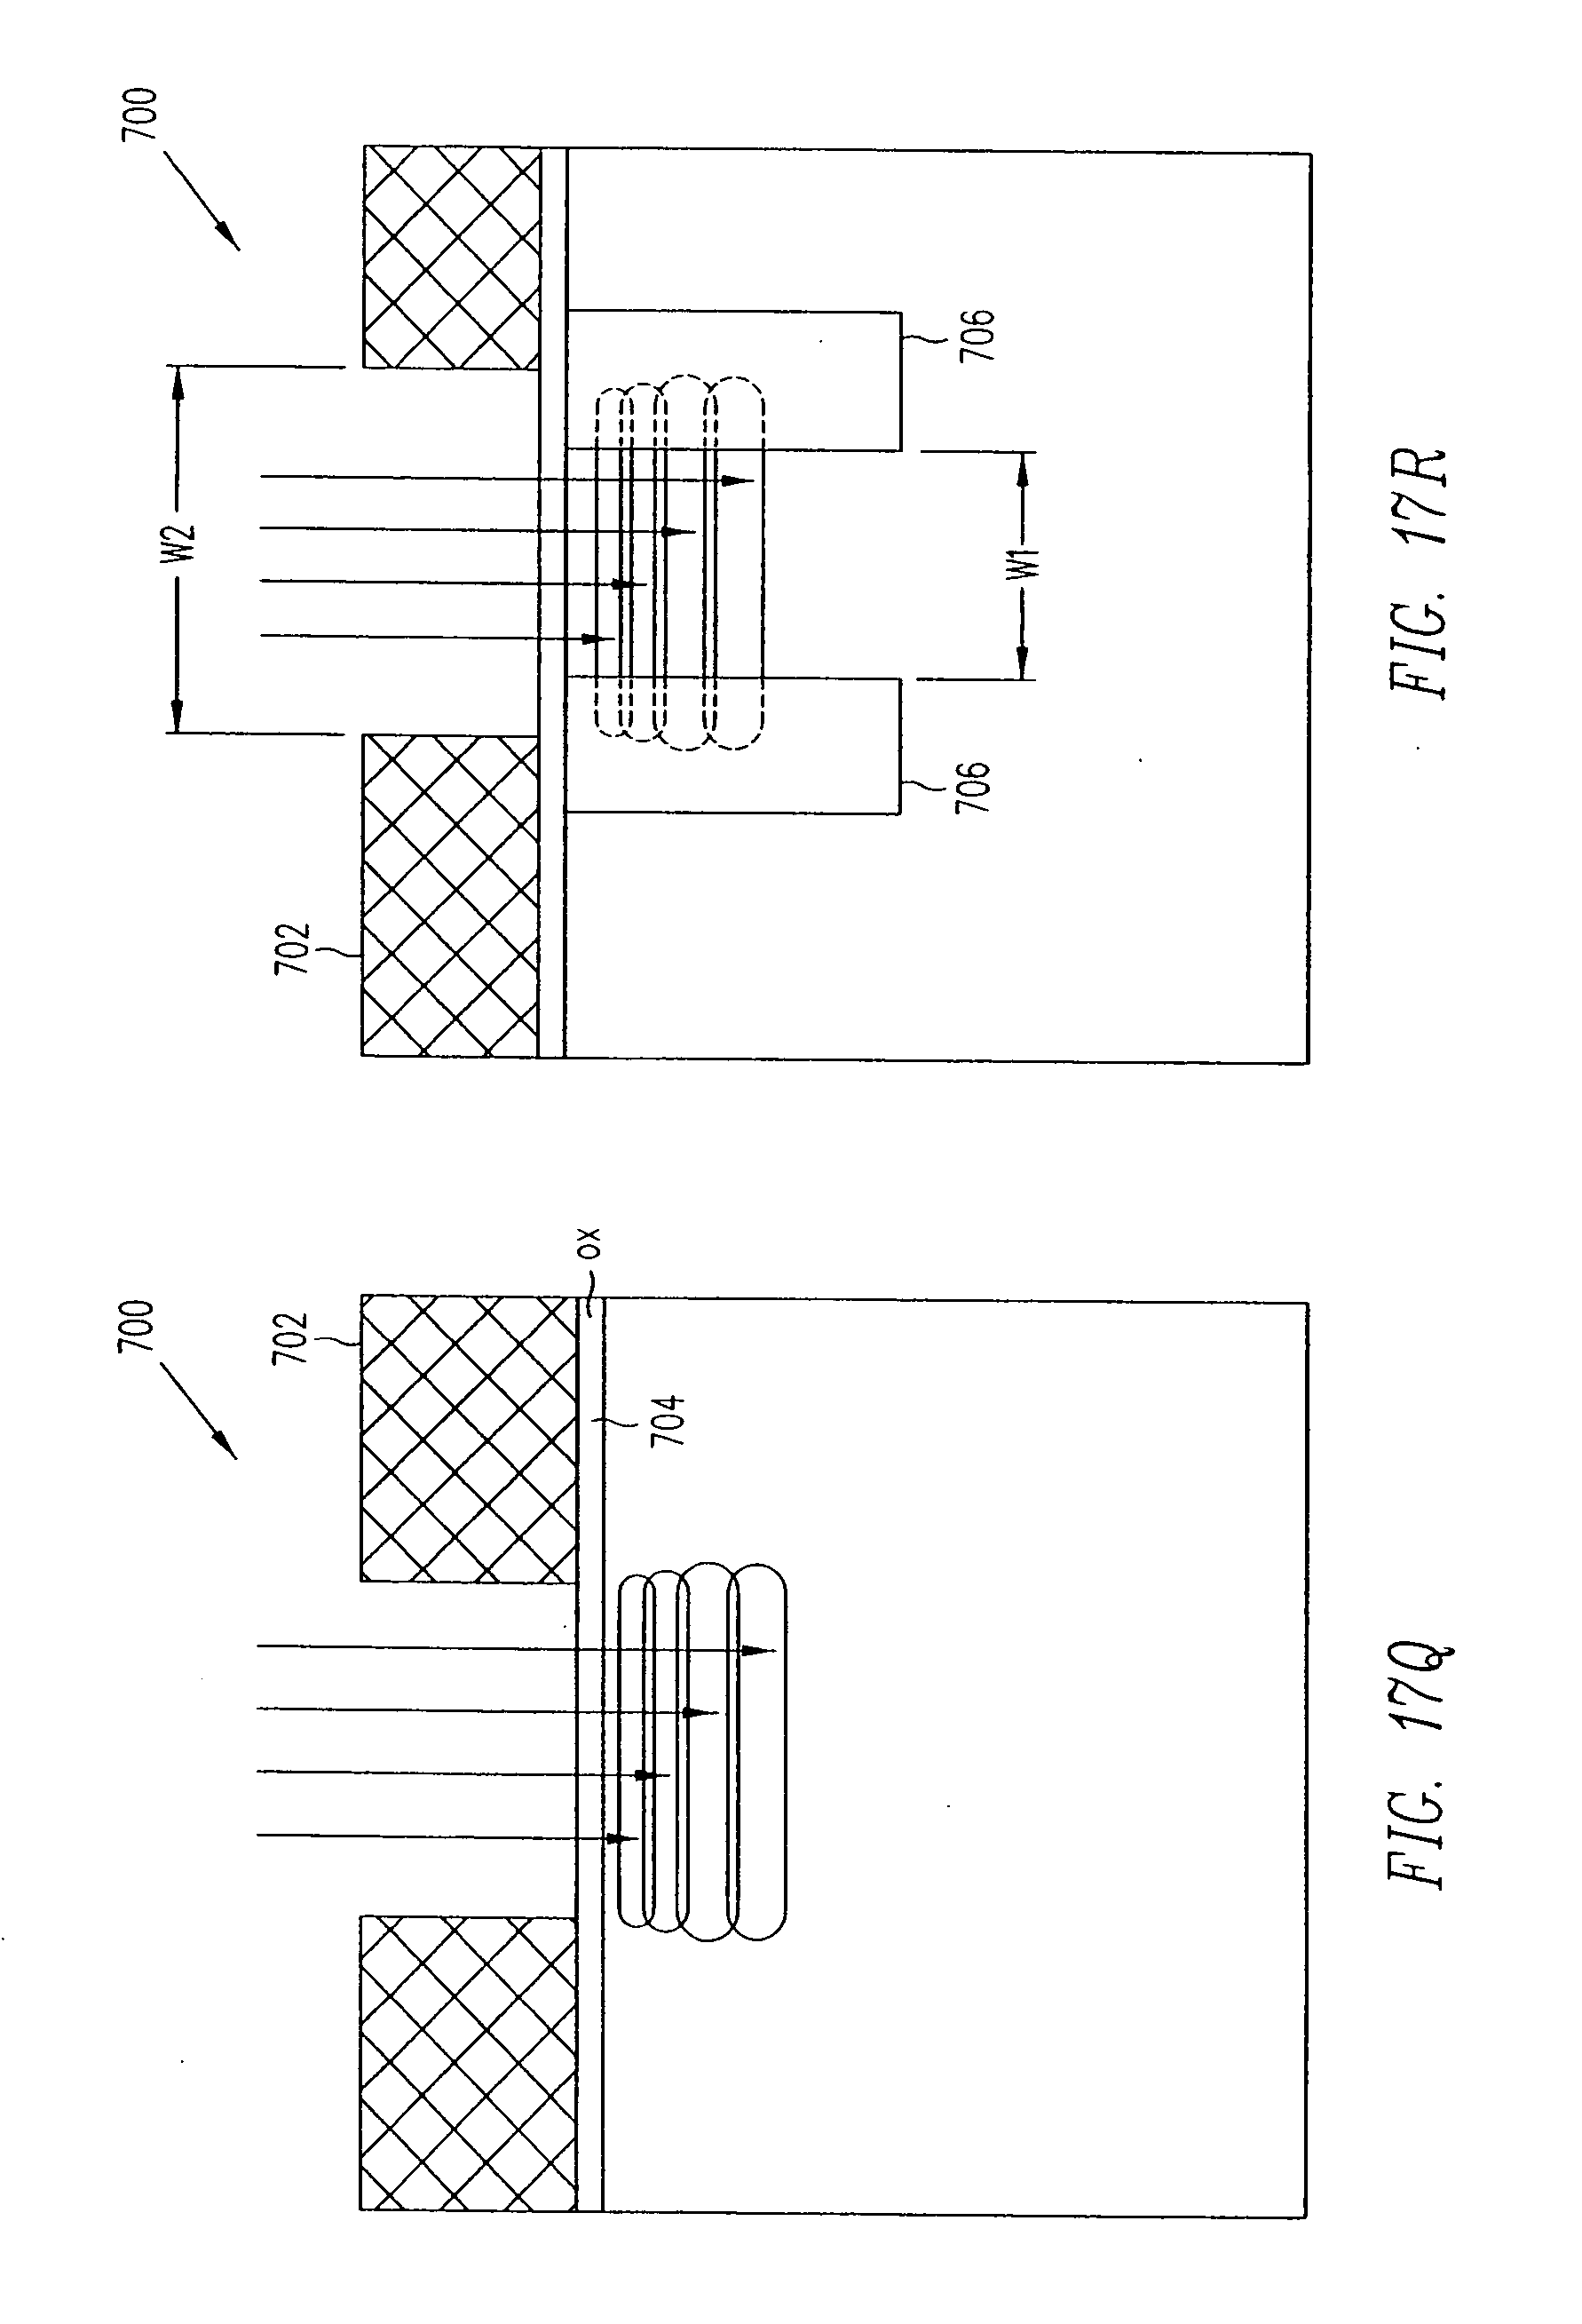 patent us20080061377